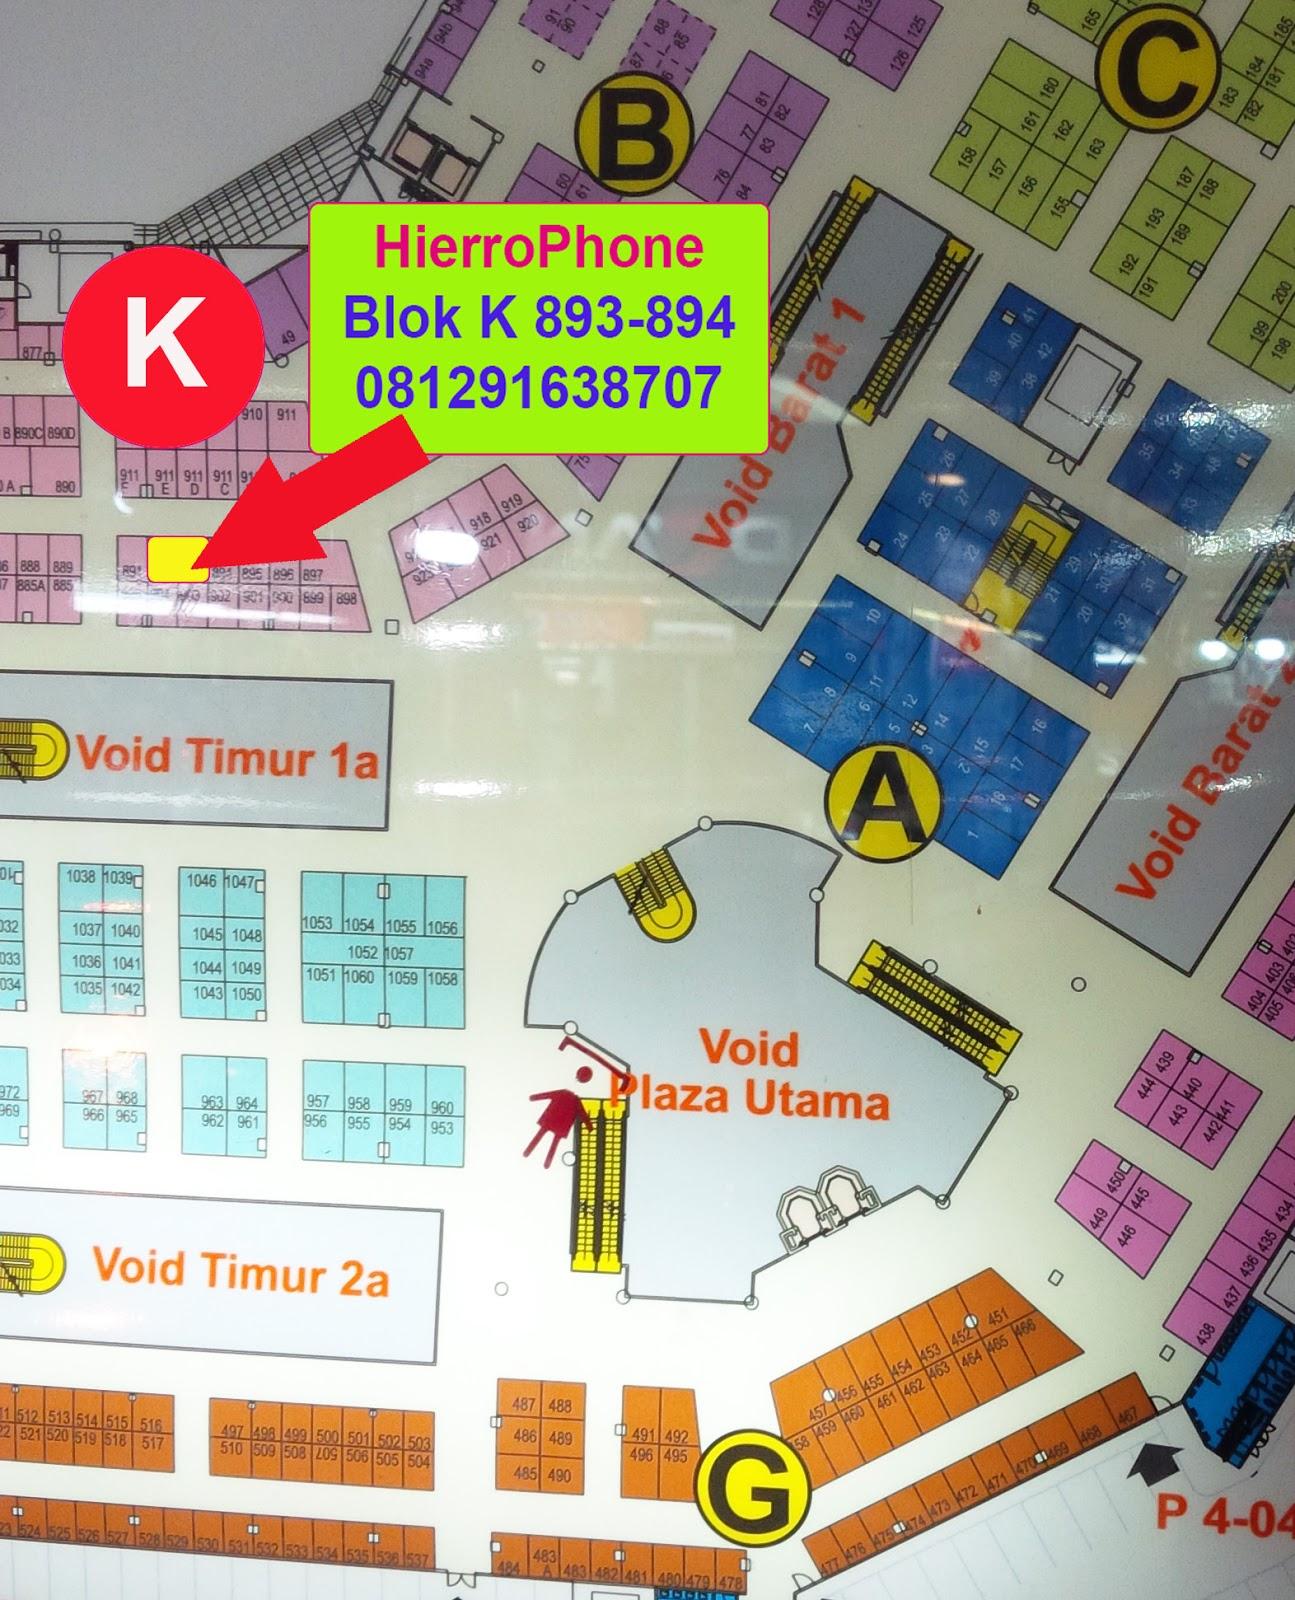 HierroPhone ITC Cempaka Mas Jakarta  Kredit HP ITC Cempaka Mas Jakarta Tanpa  Kartu Kredit ee975ace3a